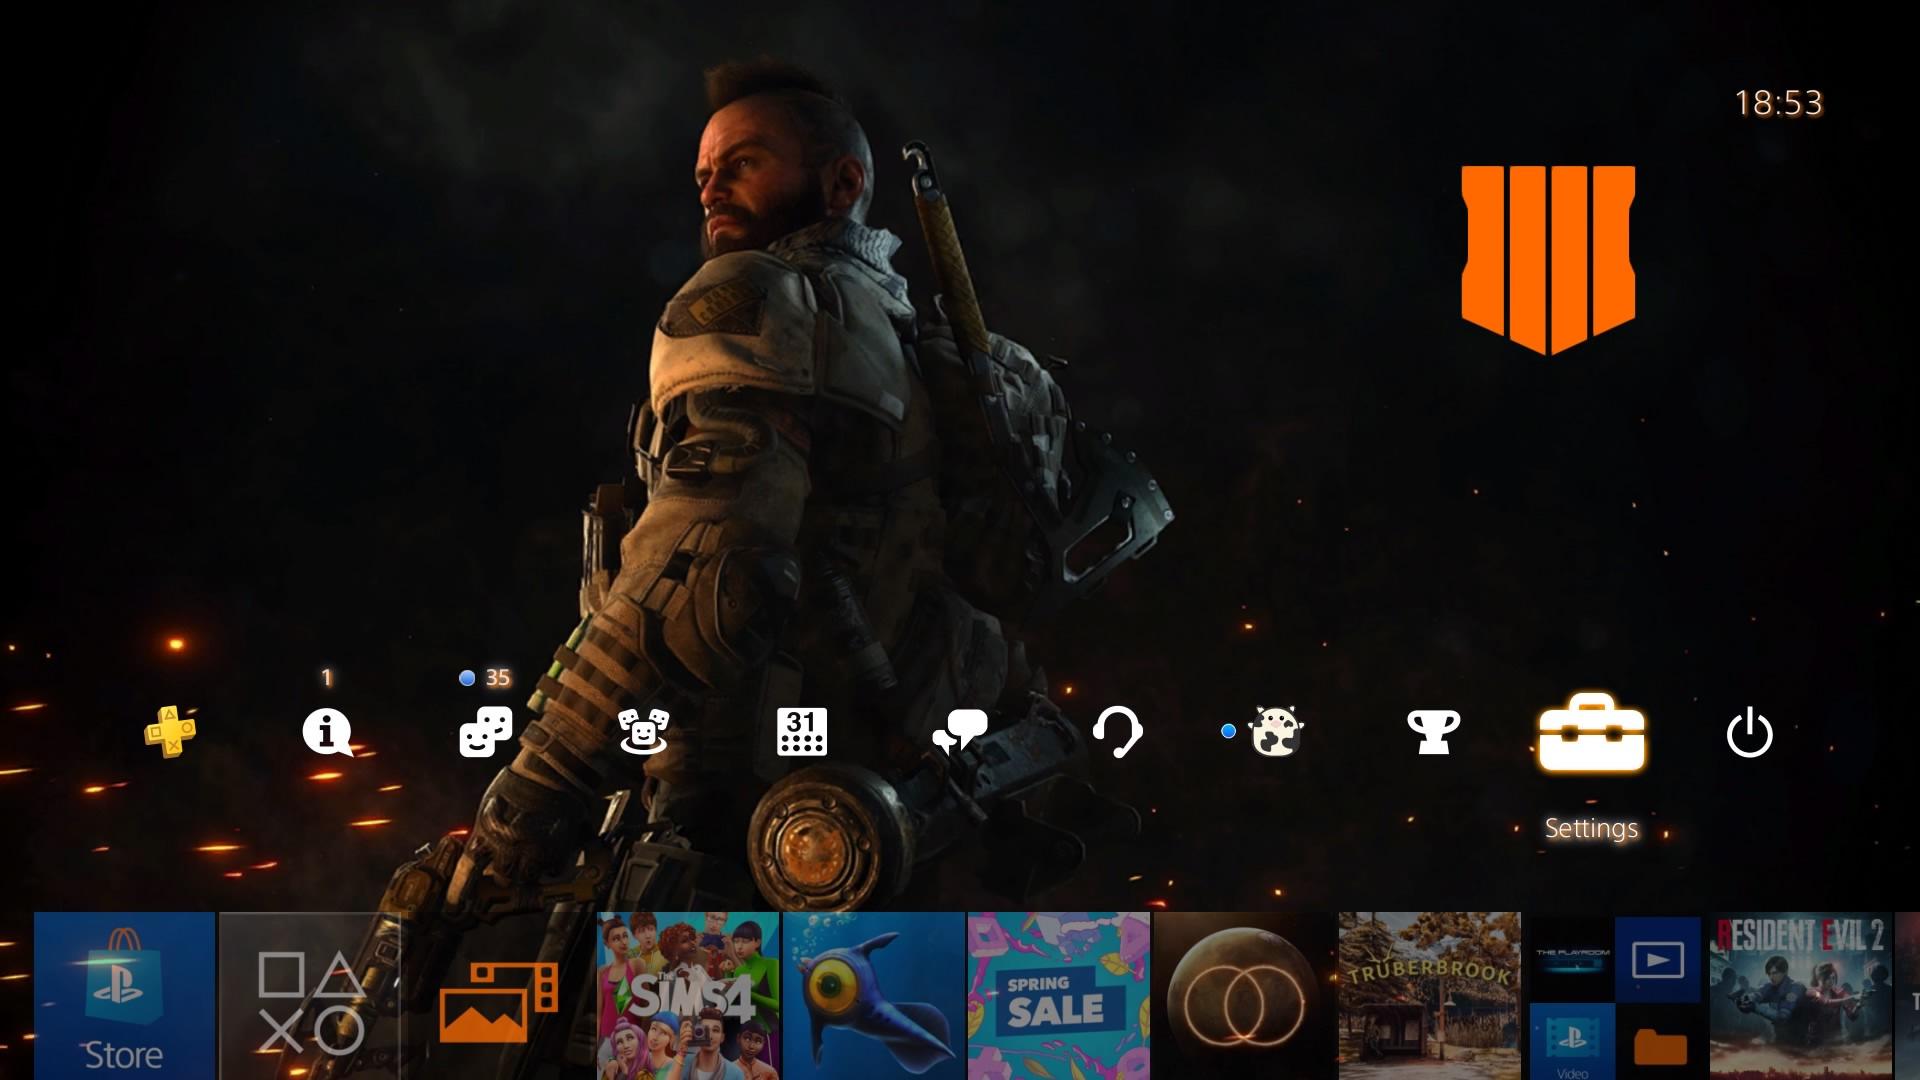 call of duty black ops 4 launch theme.original - PlayStation 4 - Guida: i migliori temi gratuiti da scaricare